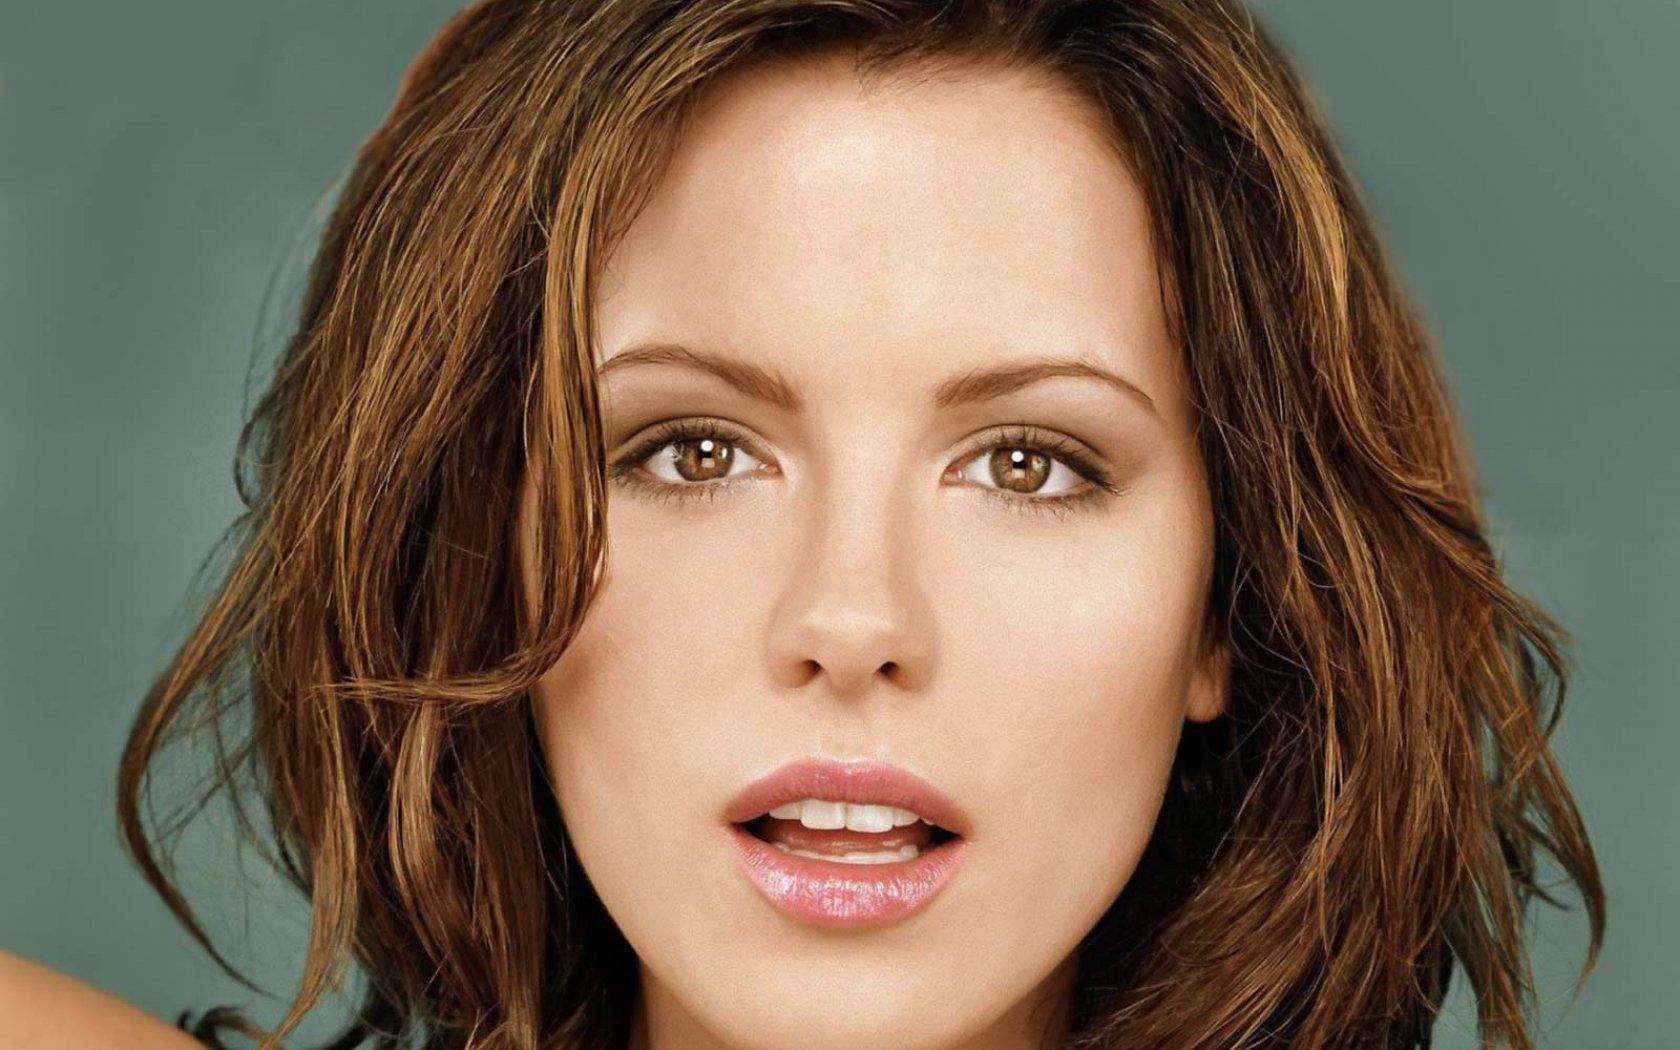 Фотки известных актрис 26 фотография